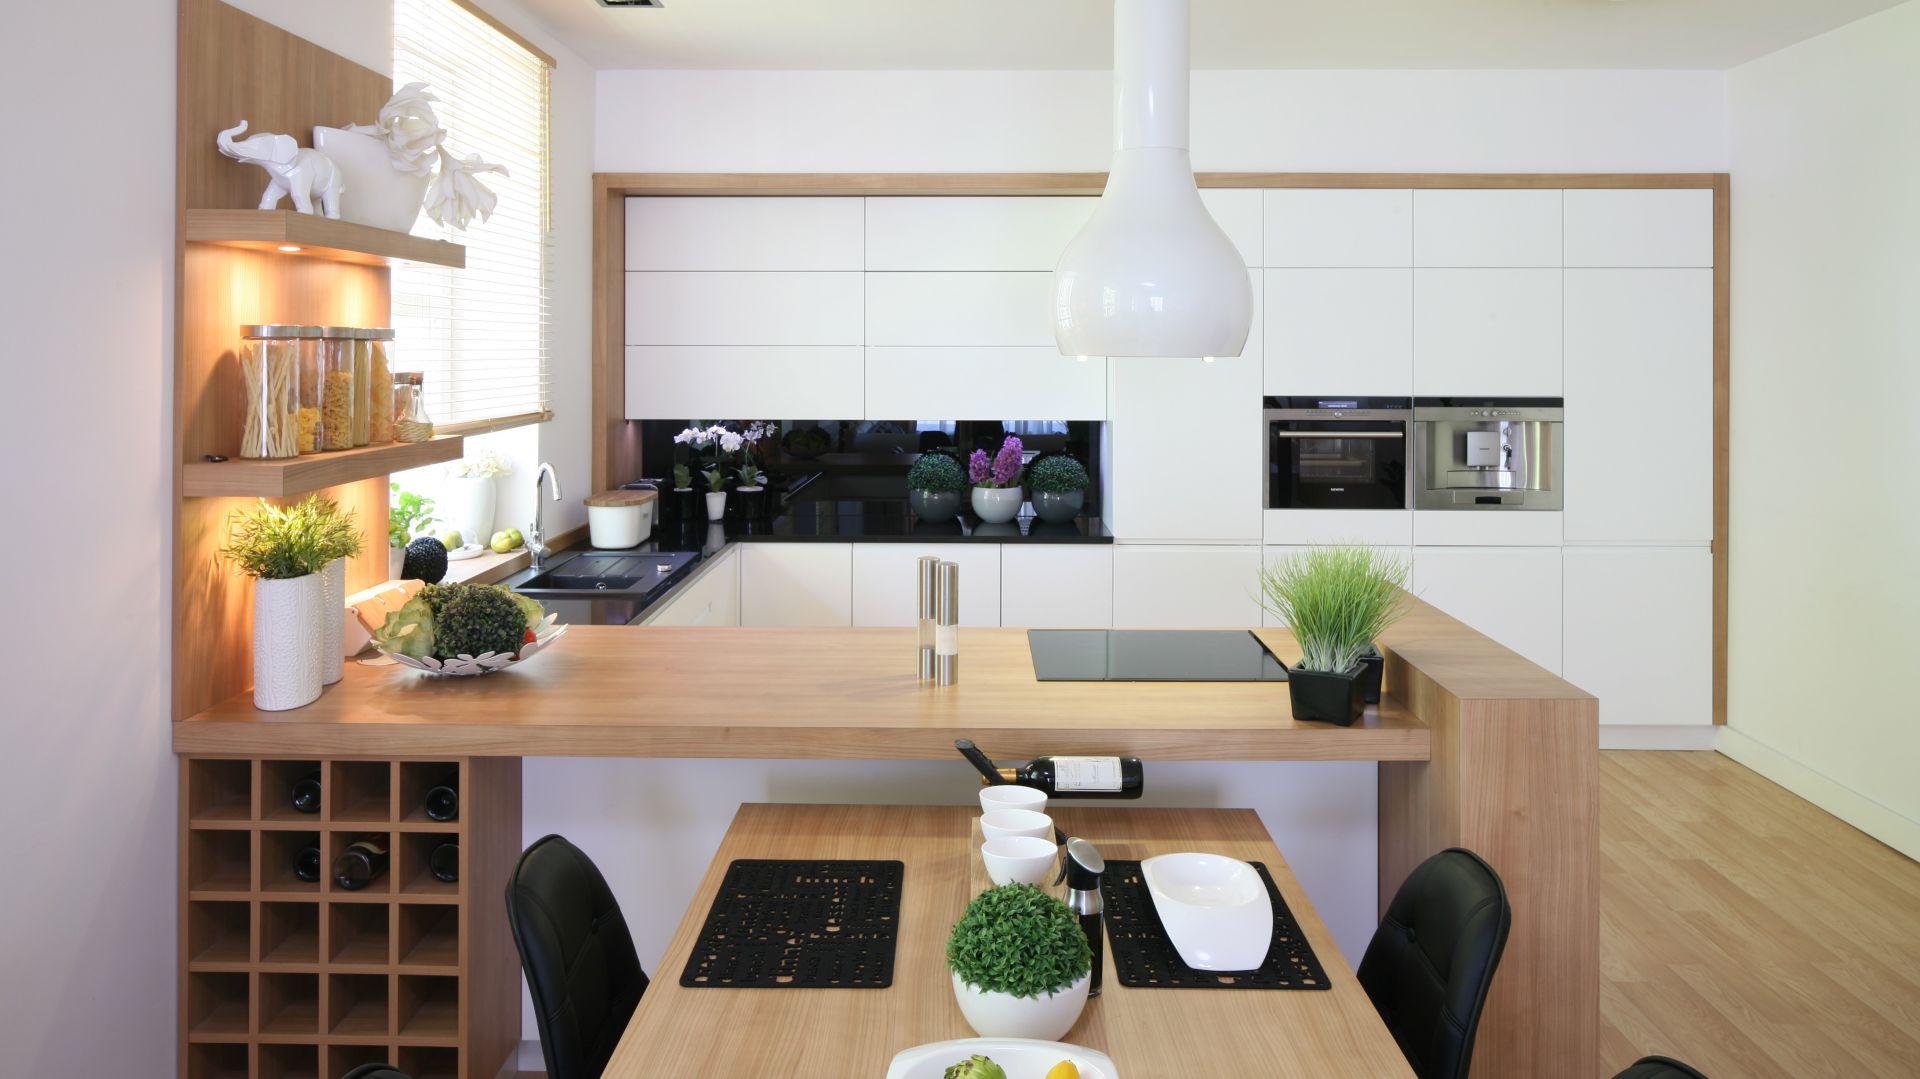 Kuchnia ma charakter 10 pomysłów na białą kuchnię ocieploną drewnem  St   -> Biala Kuchnia Z Drewnianym Blatem Jaka Podloga